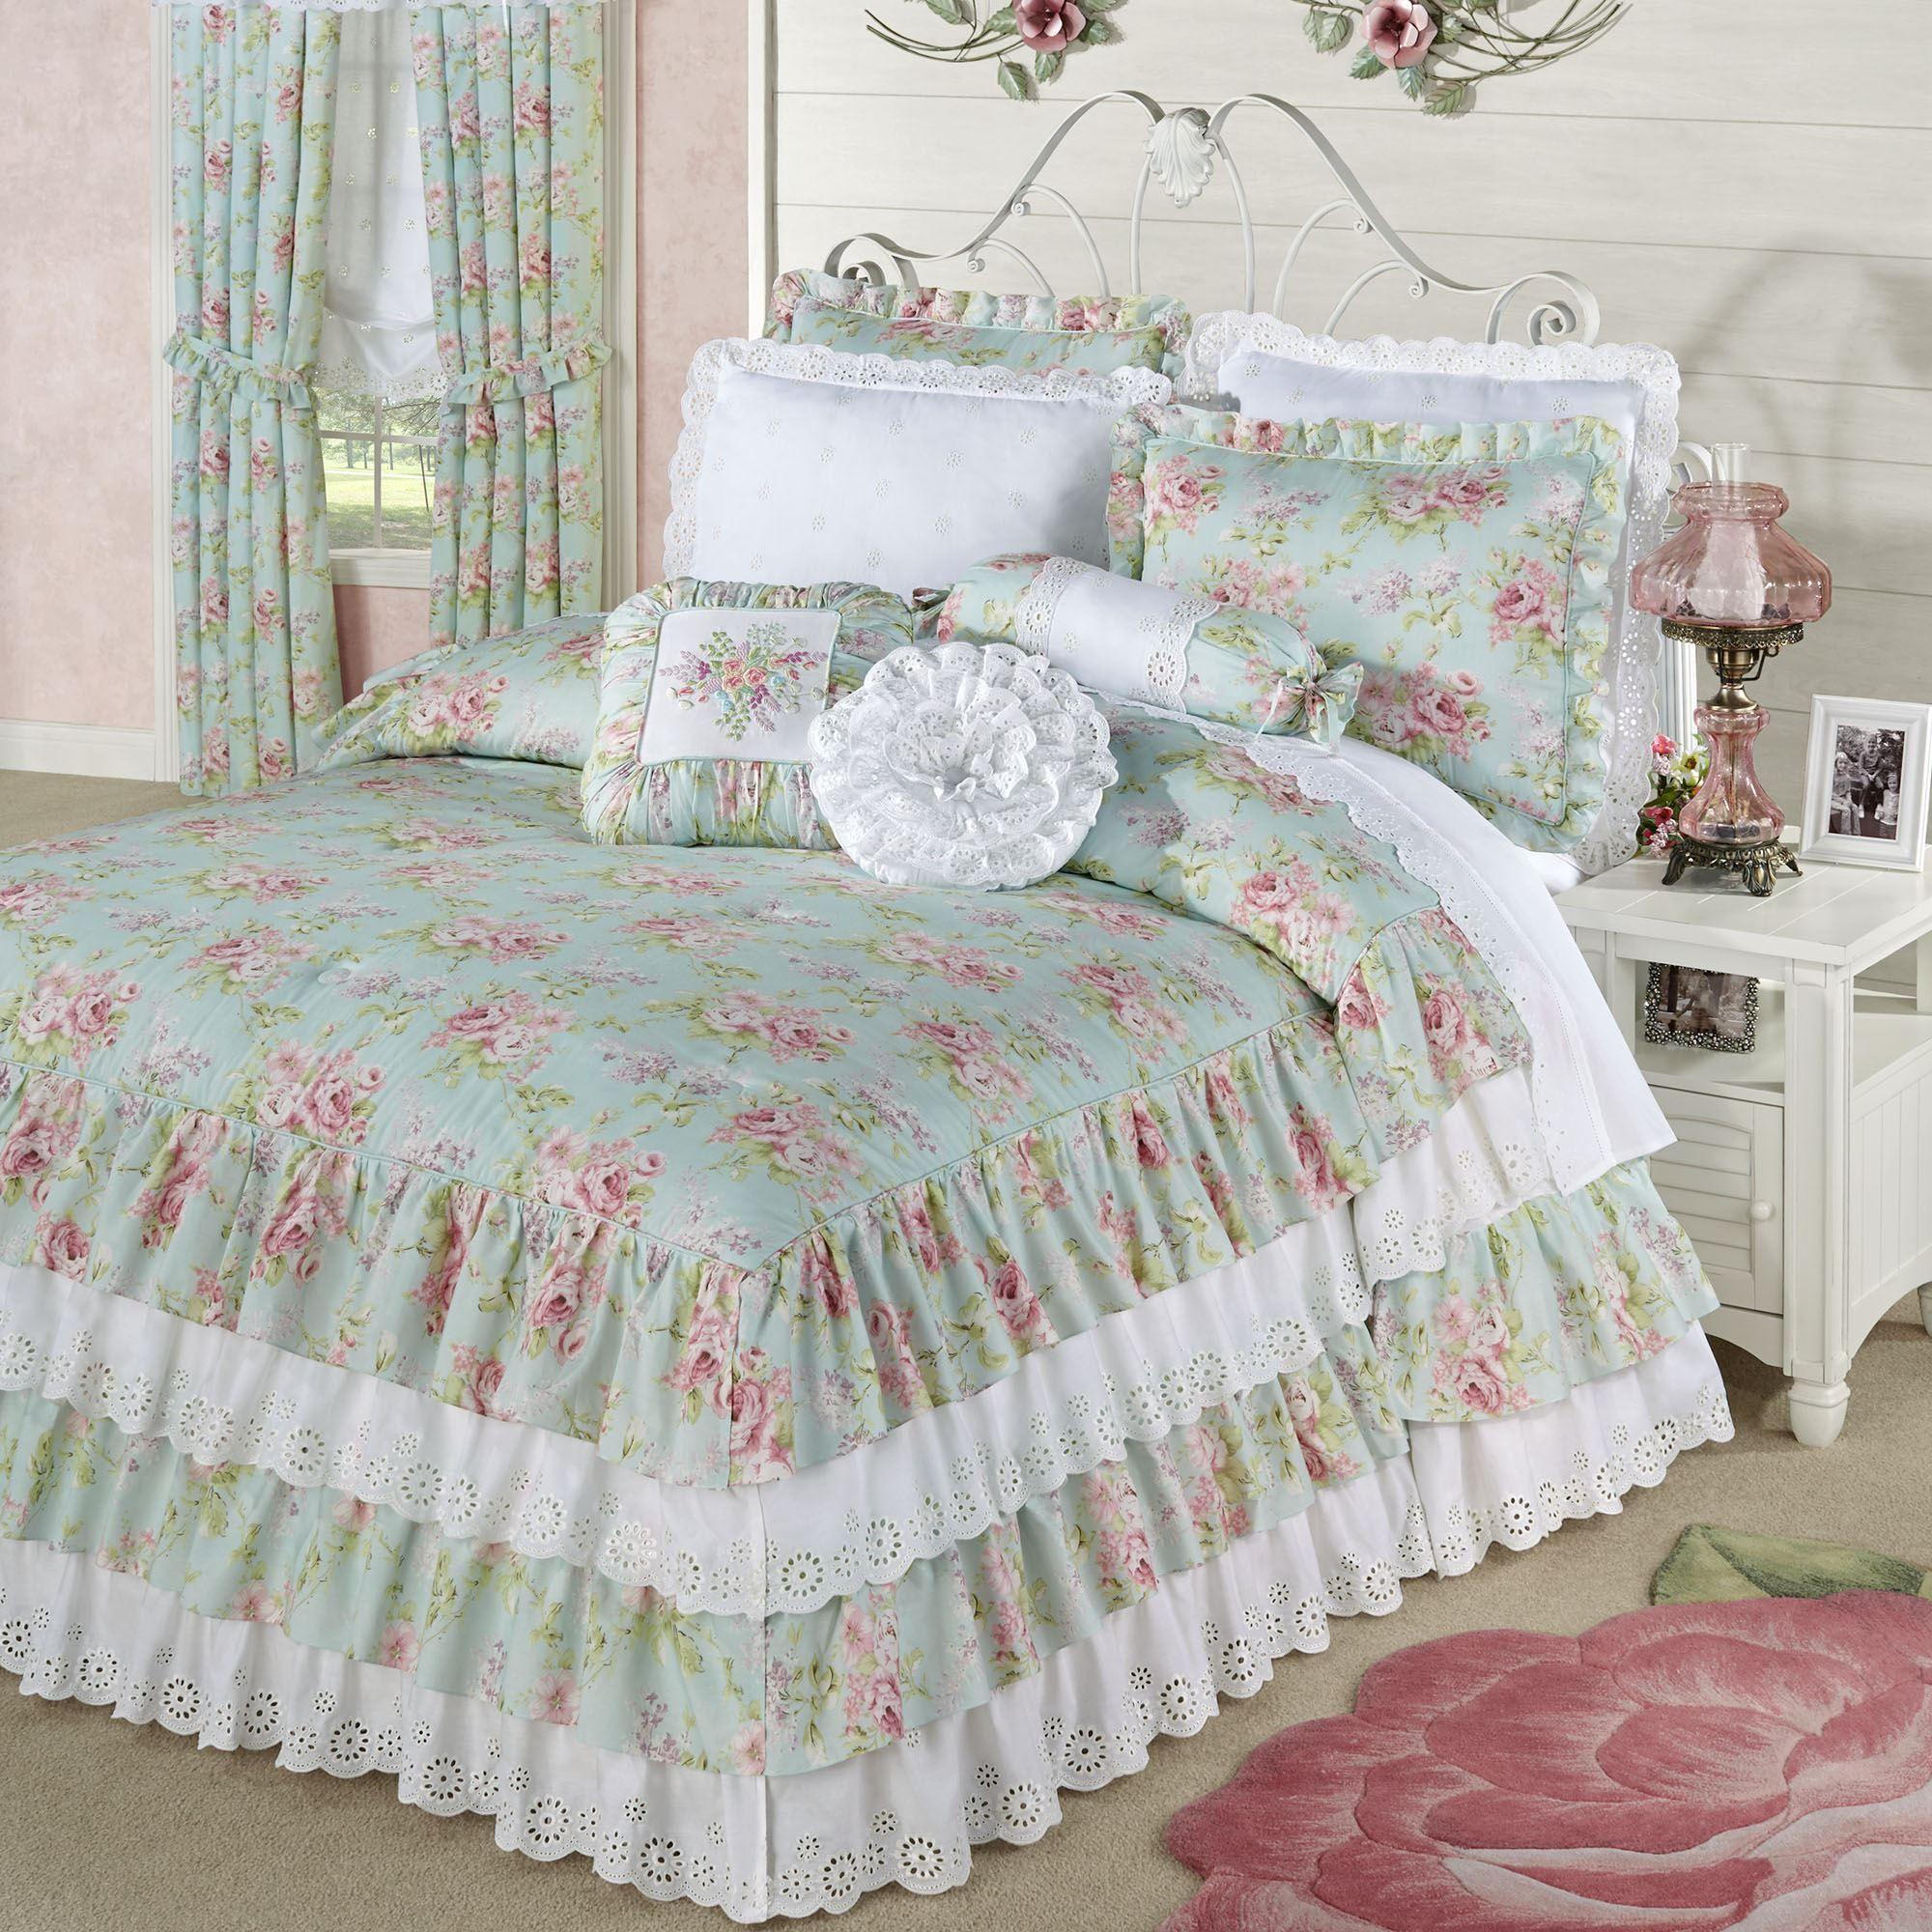 Cottage Rose Aqua Mist Floral Grande Ruffled Bedspread Bedding